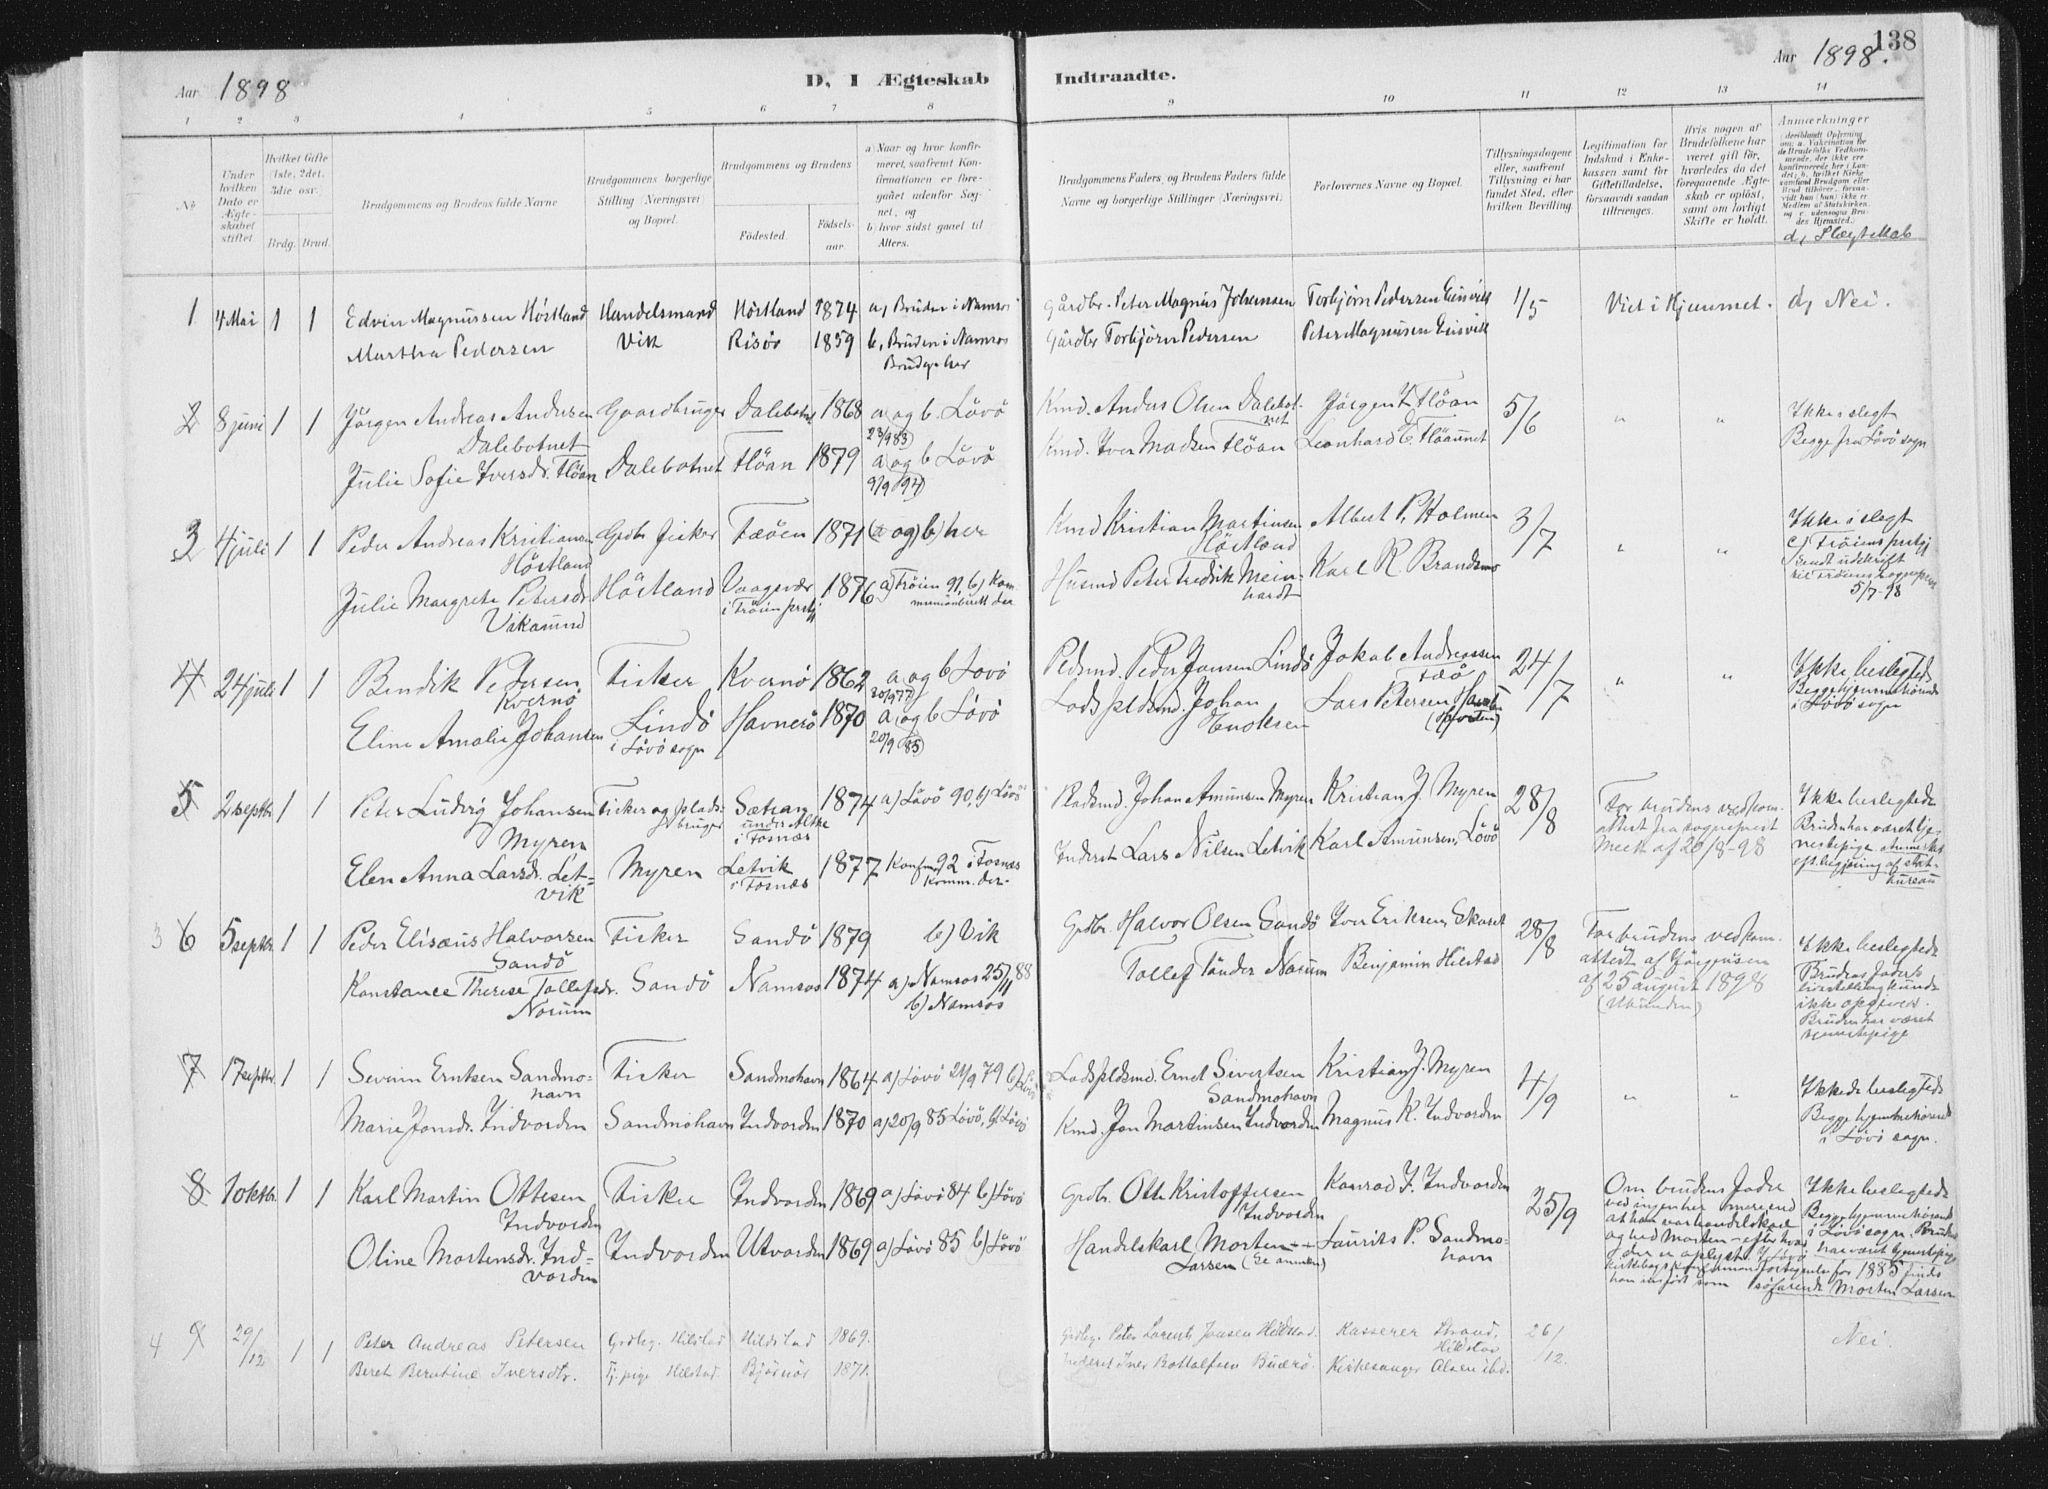 SAT, Ministerialprotokoller, klokkerbøker og fødselsregistre - Nord-Trøndelag, 771/L0597: Ministerialbok nr. 771A04, 1885-1910, s. 138